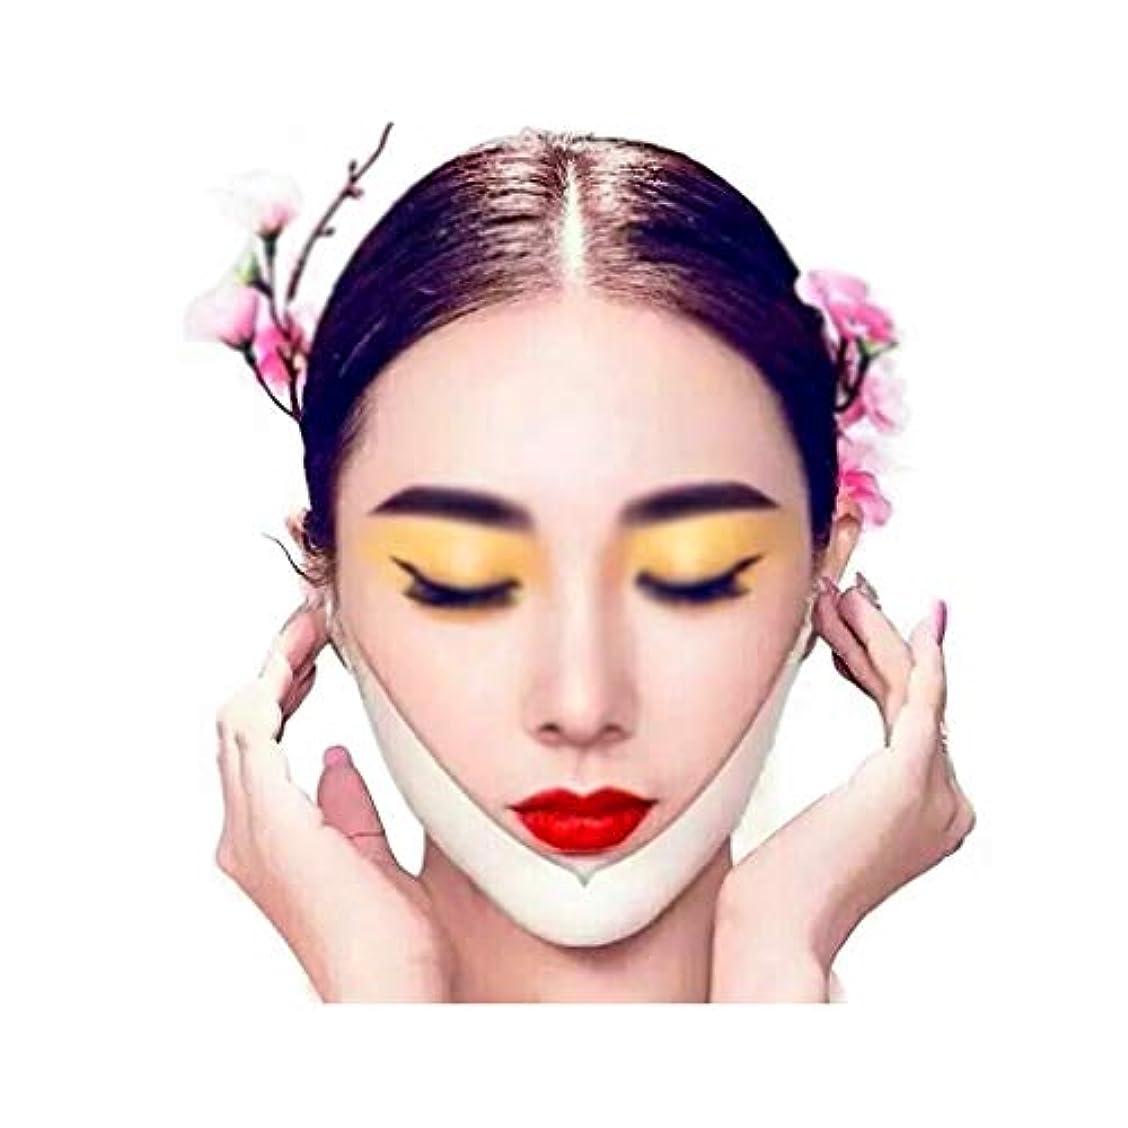 保守的ブレイズ文言XHLMRMJ 薄い顔のマスク、Vの顔の包帯、下顎の咬筋のあごを改善して顔のラインを形作る、5つのボックス、3つの顔のマスク